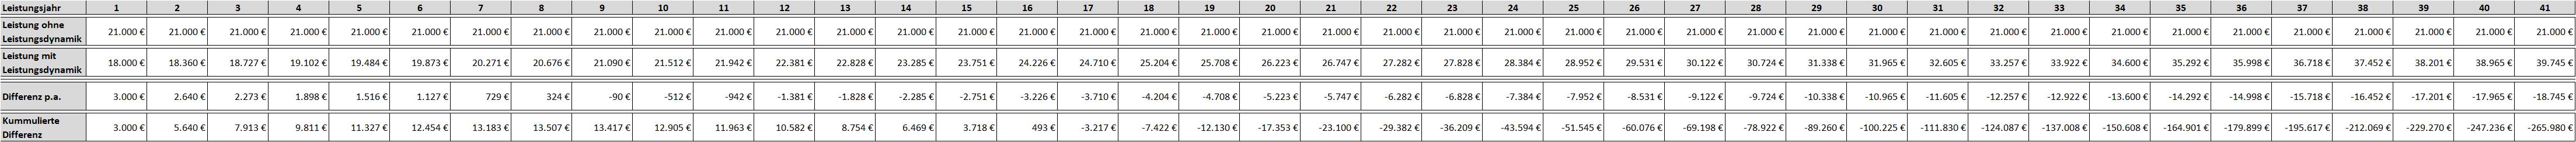 BU-Renten Verlauf bei Leistungssteigerung von 2%